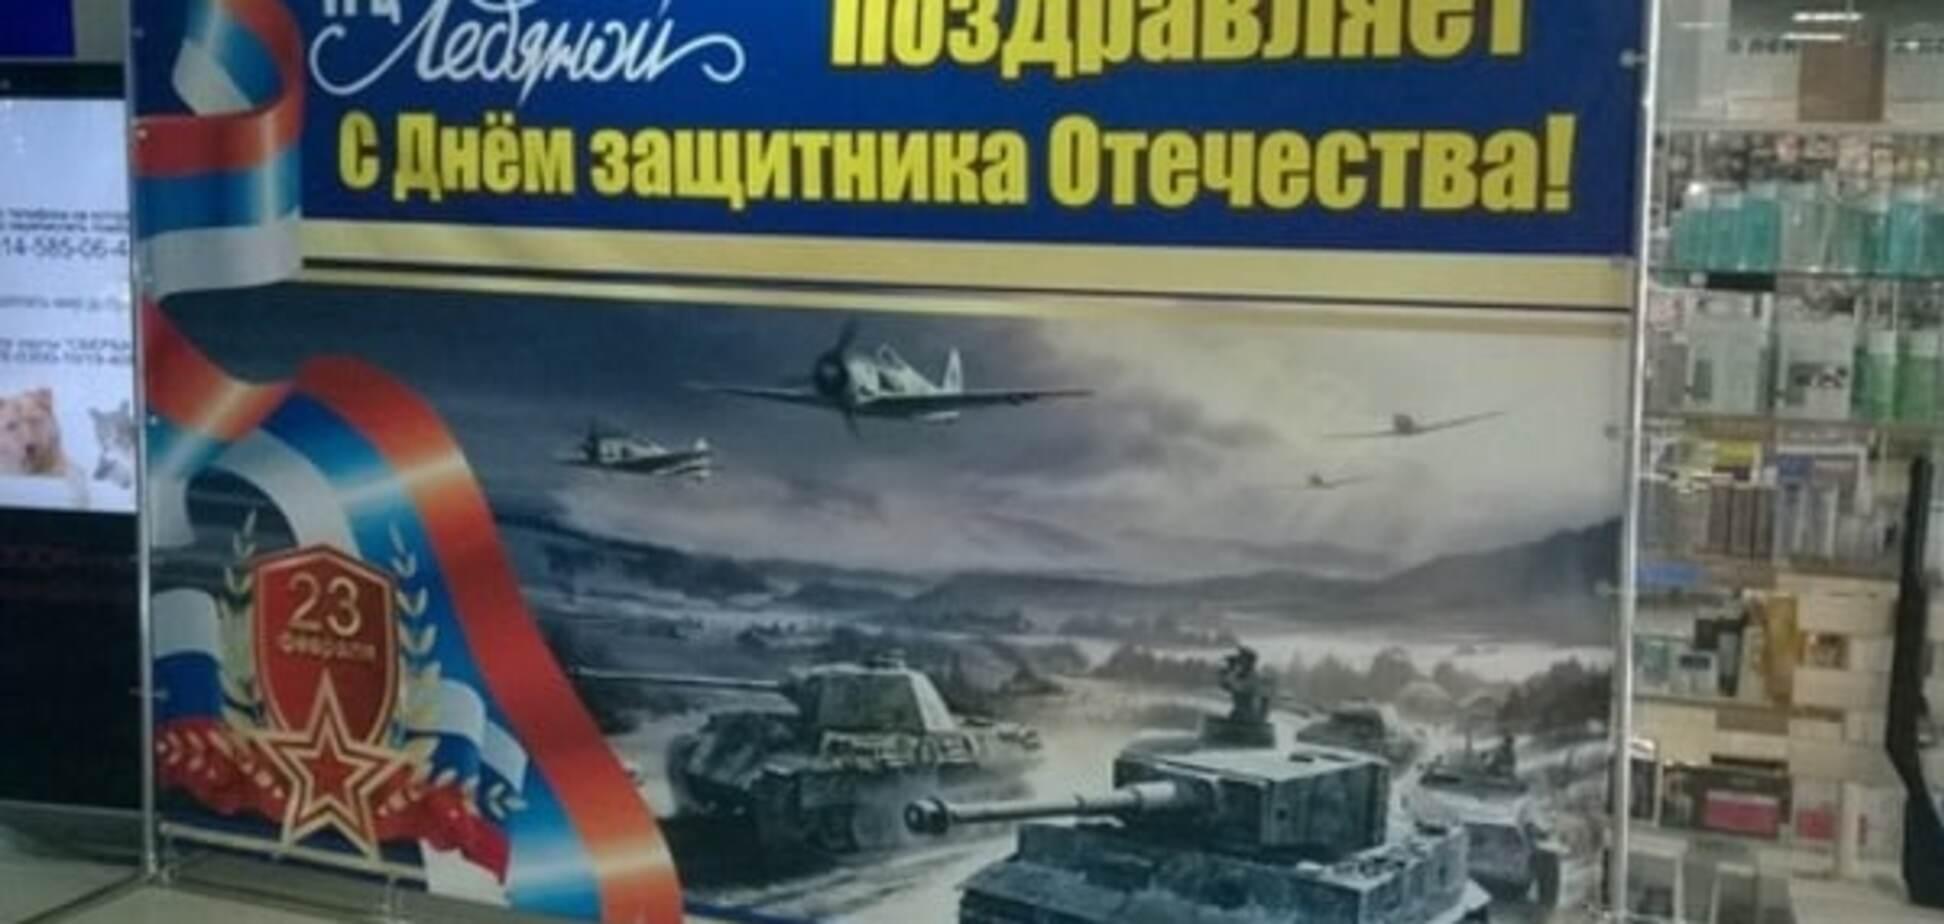 Это 'победа': в России с 23 февраля поздравили немецкими танками и самолетами люфтваффе